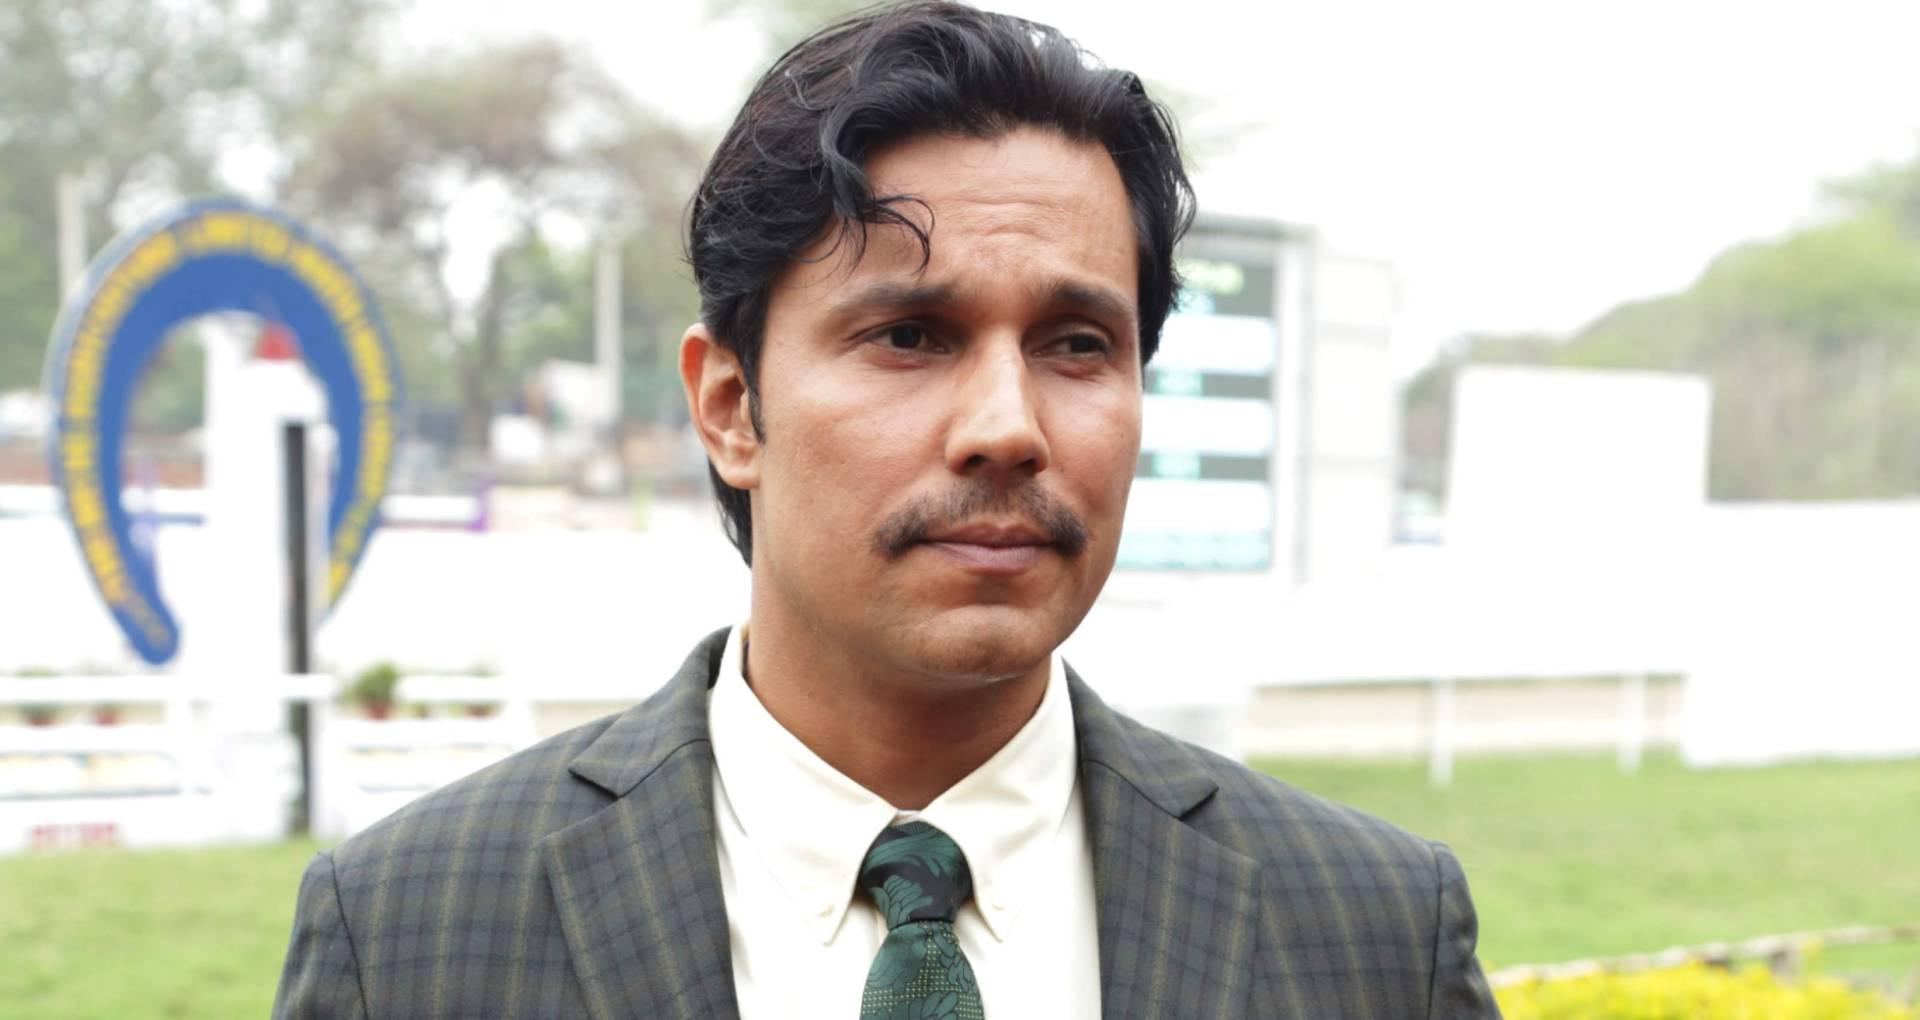 डायरेक्टर संजय लीला भंसाली की फिल्म में पुलिस अधिकारी बनेंगे रणदीप हुड्डा, करते दिखेंगे कॉमेडी